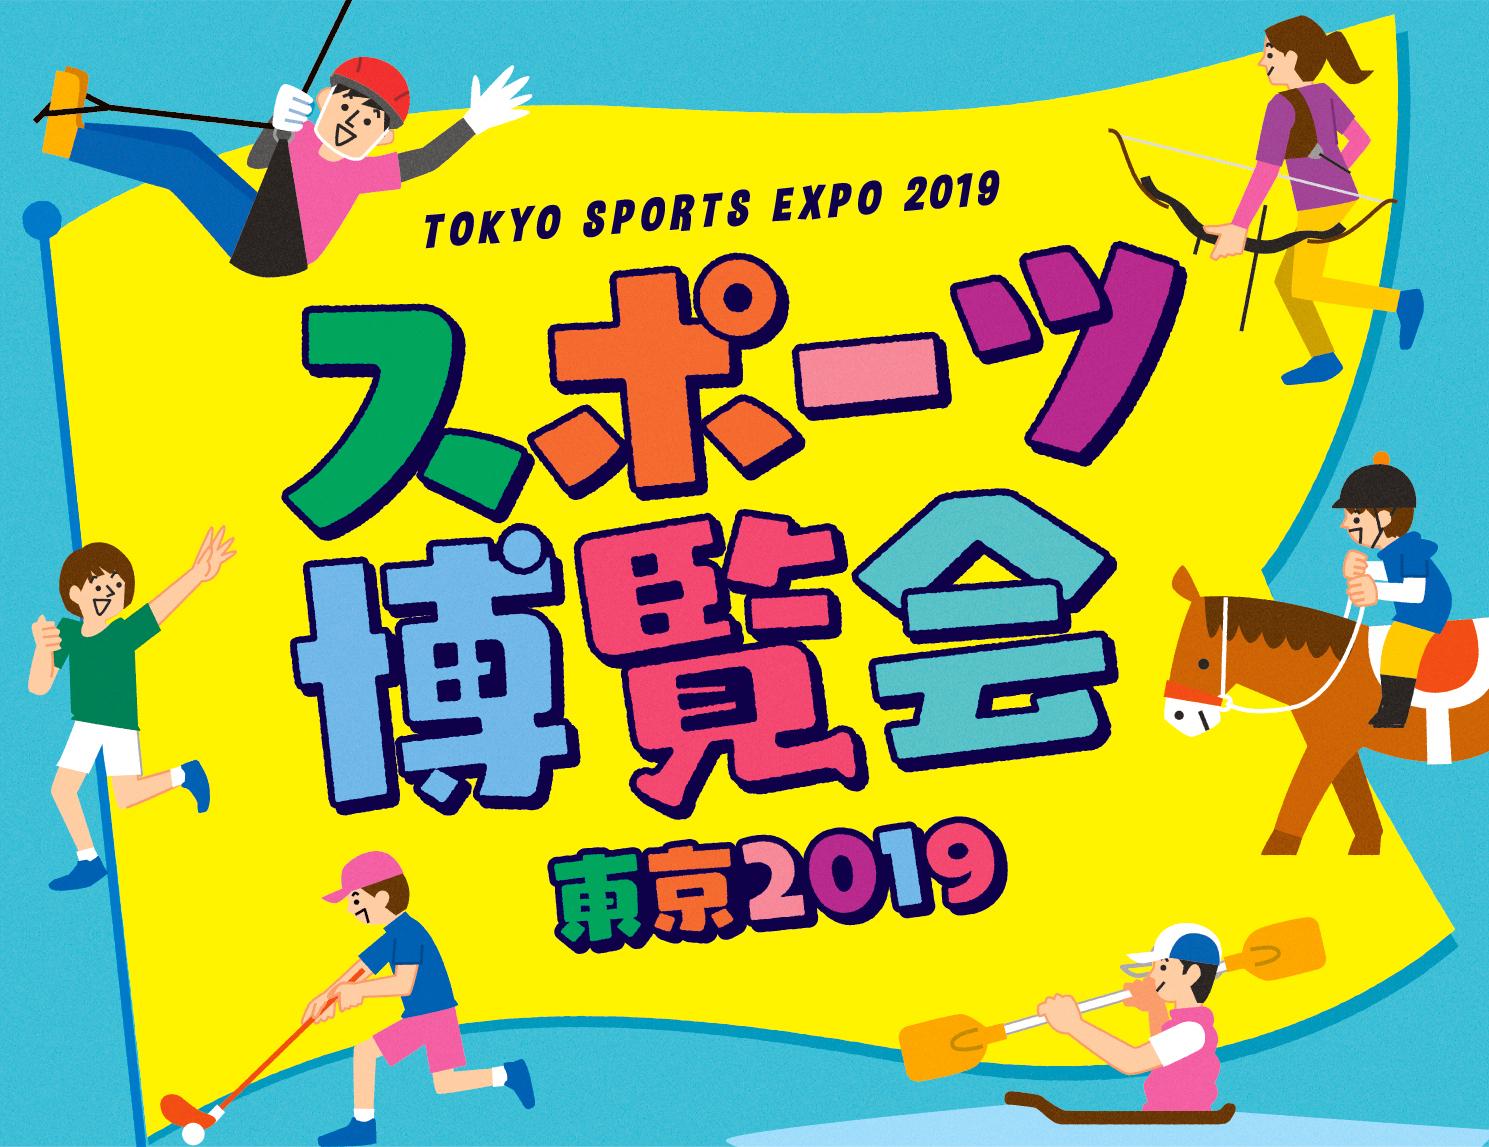 都内最大級のスポーツイベントが今年もやってくる! 人気タレントやアスリートも多数出演! 『スポーツ博覧会・東京2019』